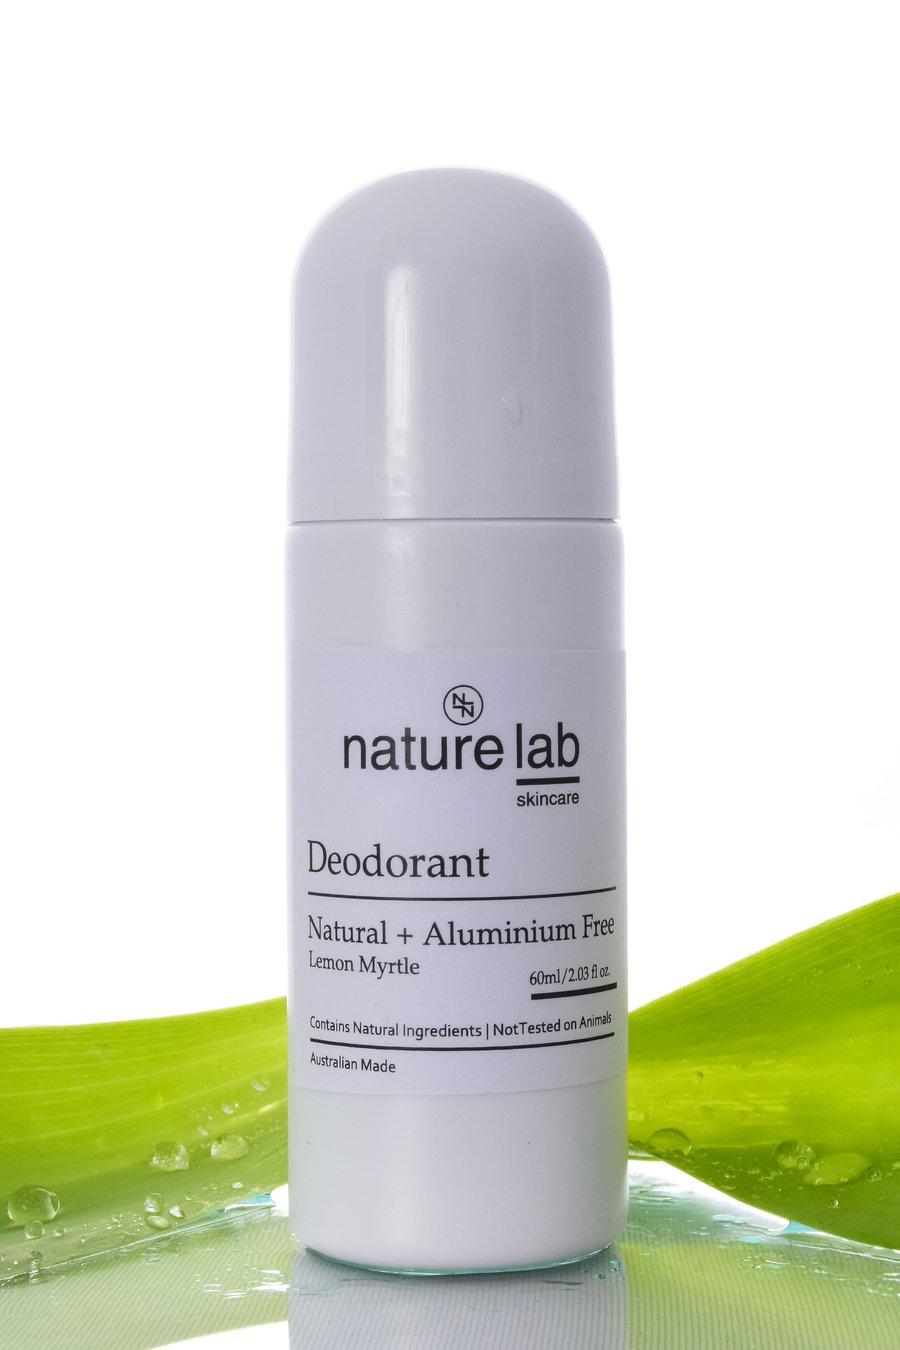 Image of Deodorant - Aluminium Free